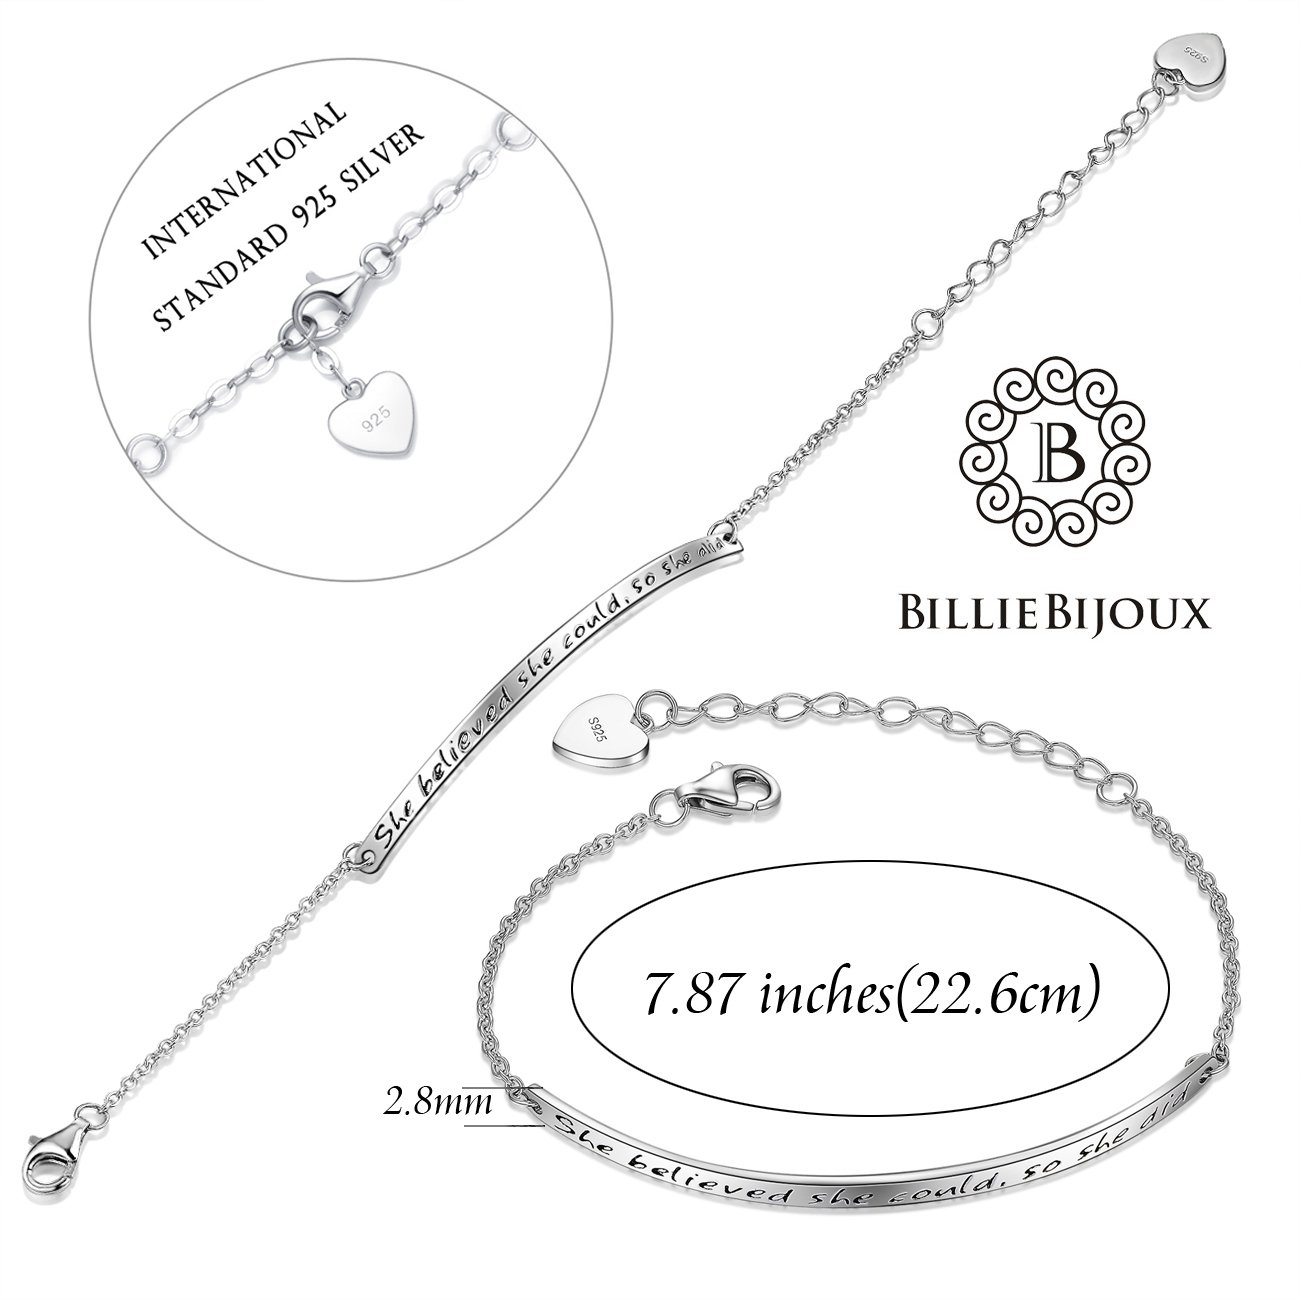 Billie Bijoux 925 Sterling Silver Engraved Inspirational Adjustable Bracelet Gift for Her, Women, Friendship